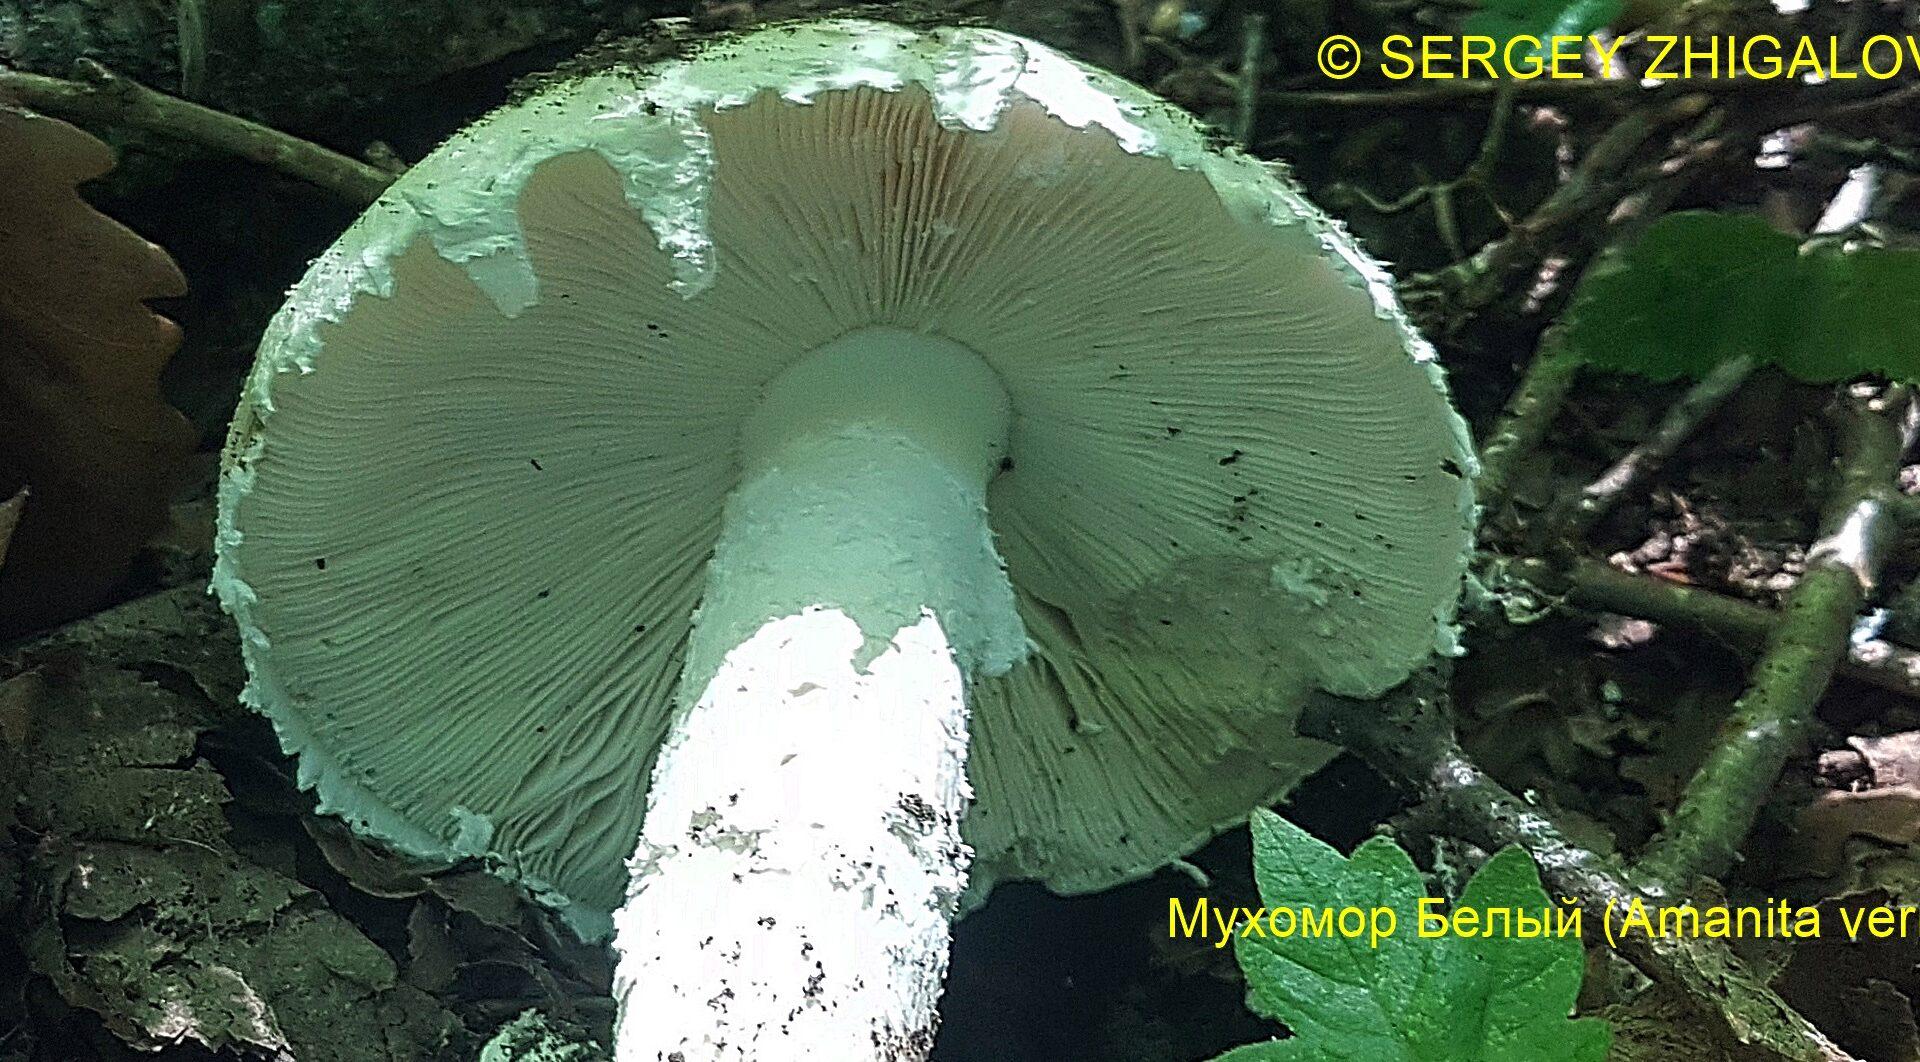 Мухомор белый (Мухомор весенний) Amanita verna